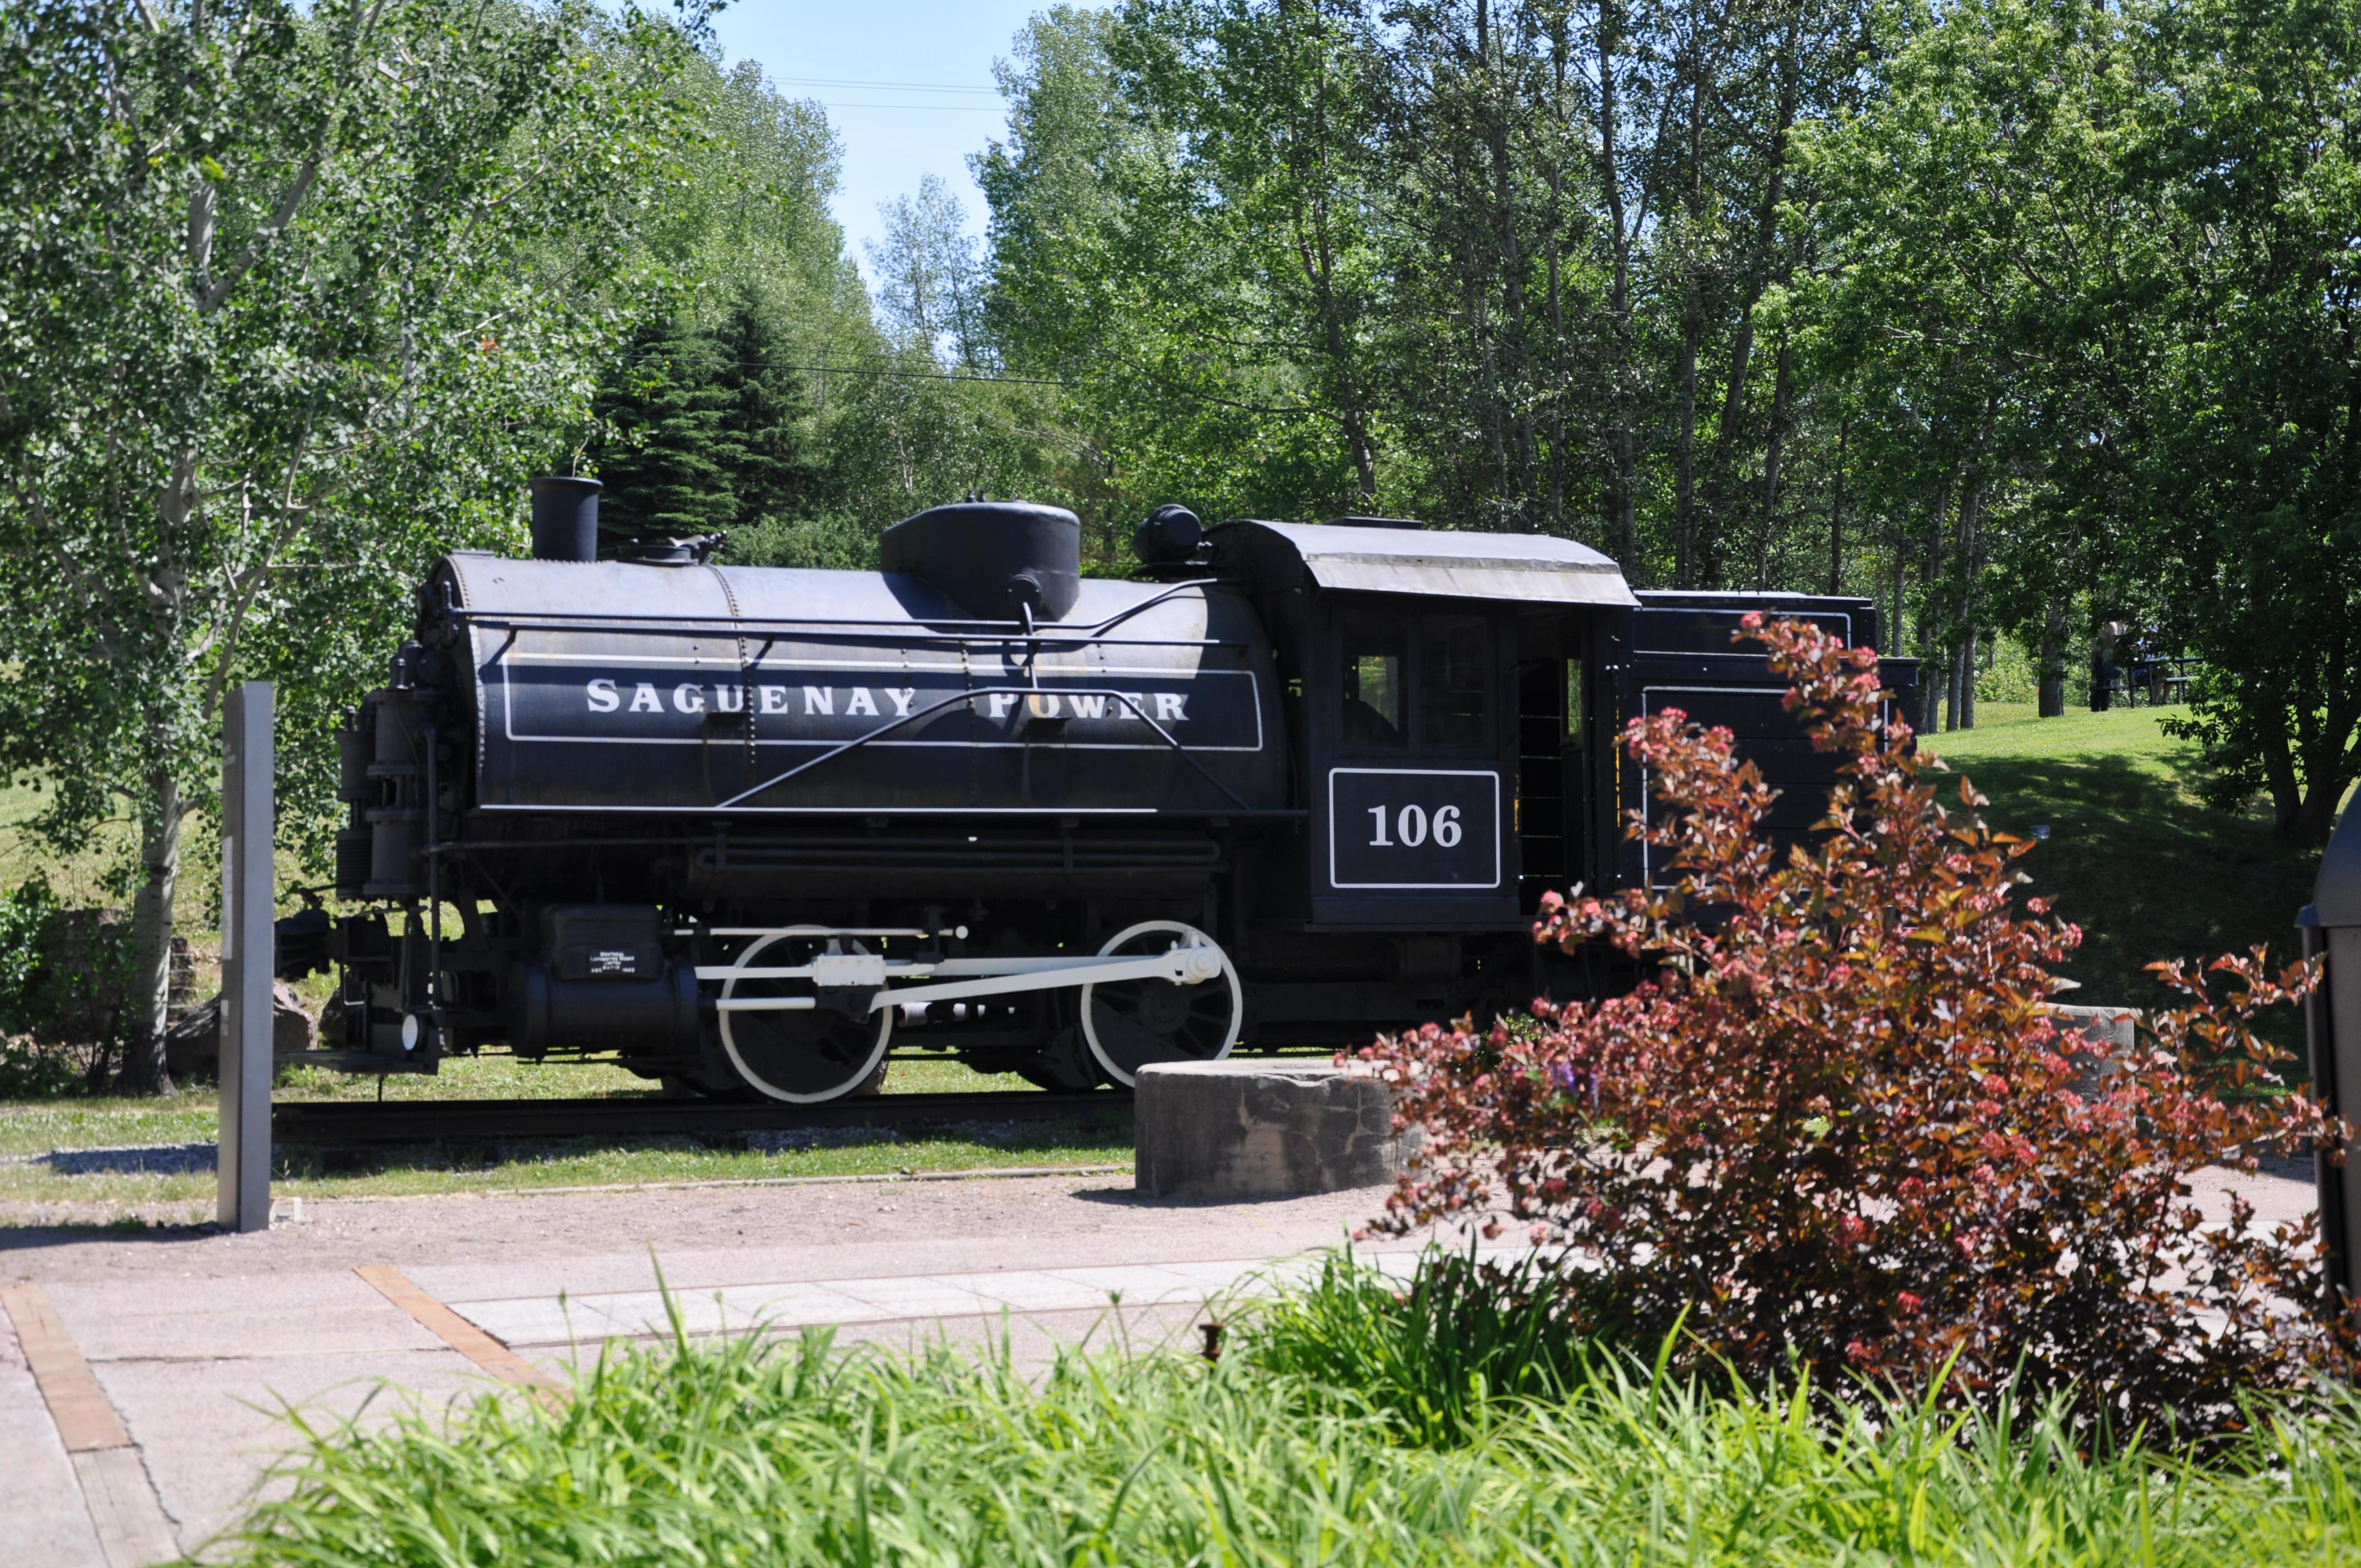 Le train de la Saguenay Power, un témoin de l'histoire de la pulpaire